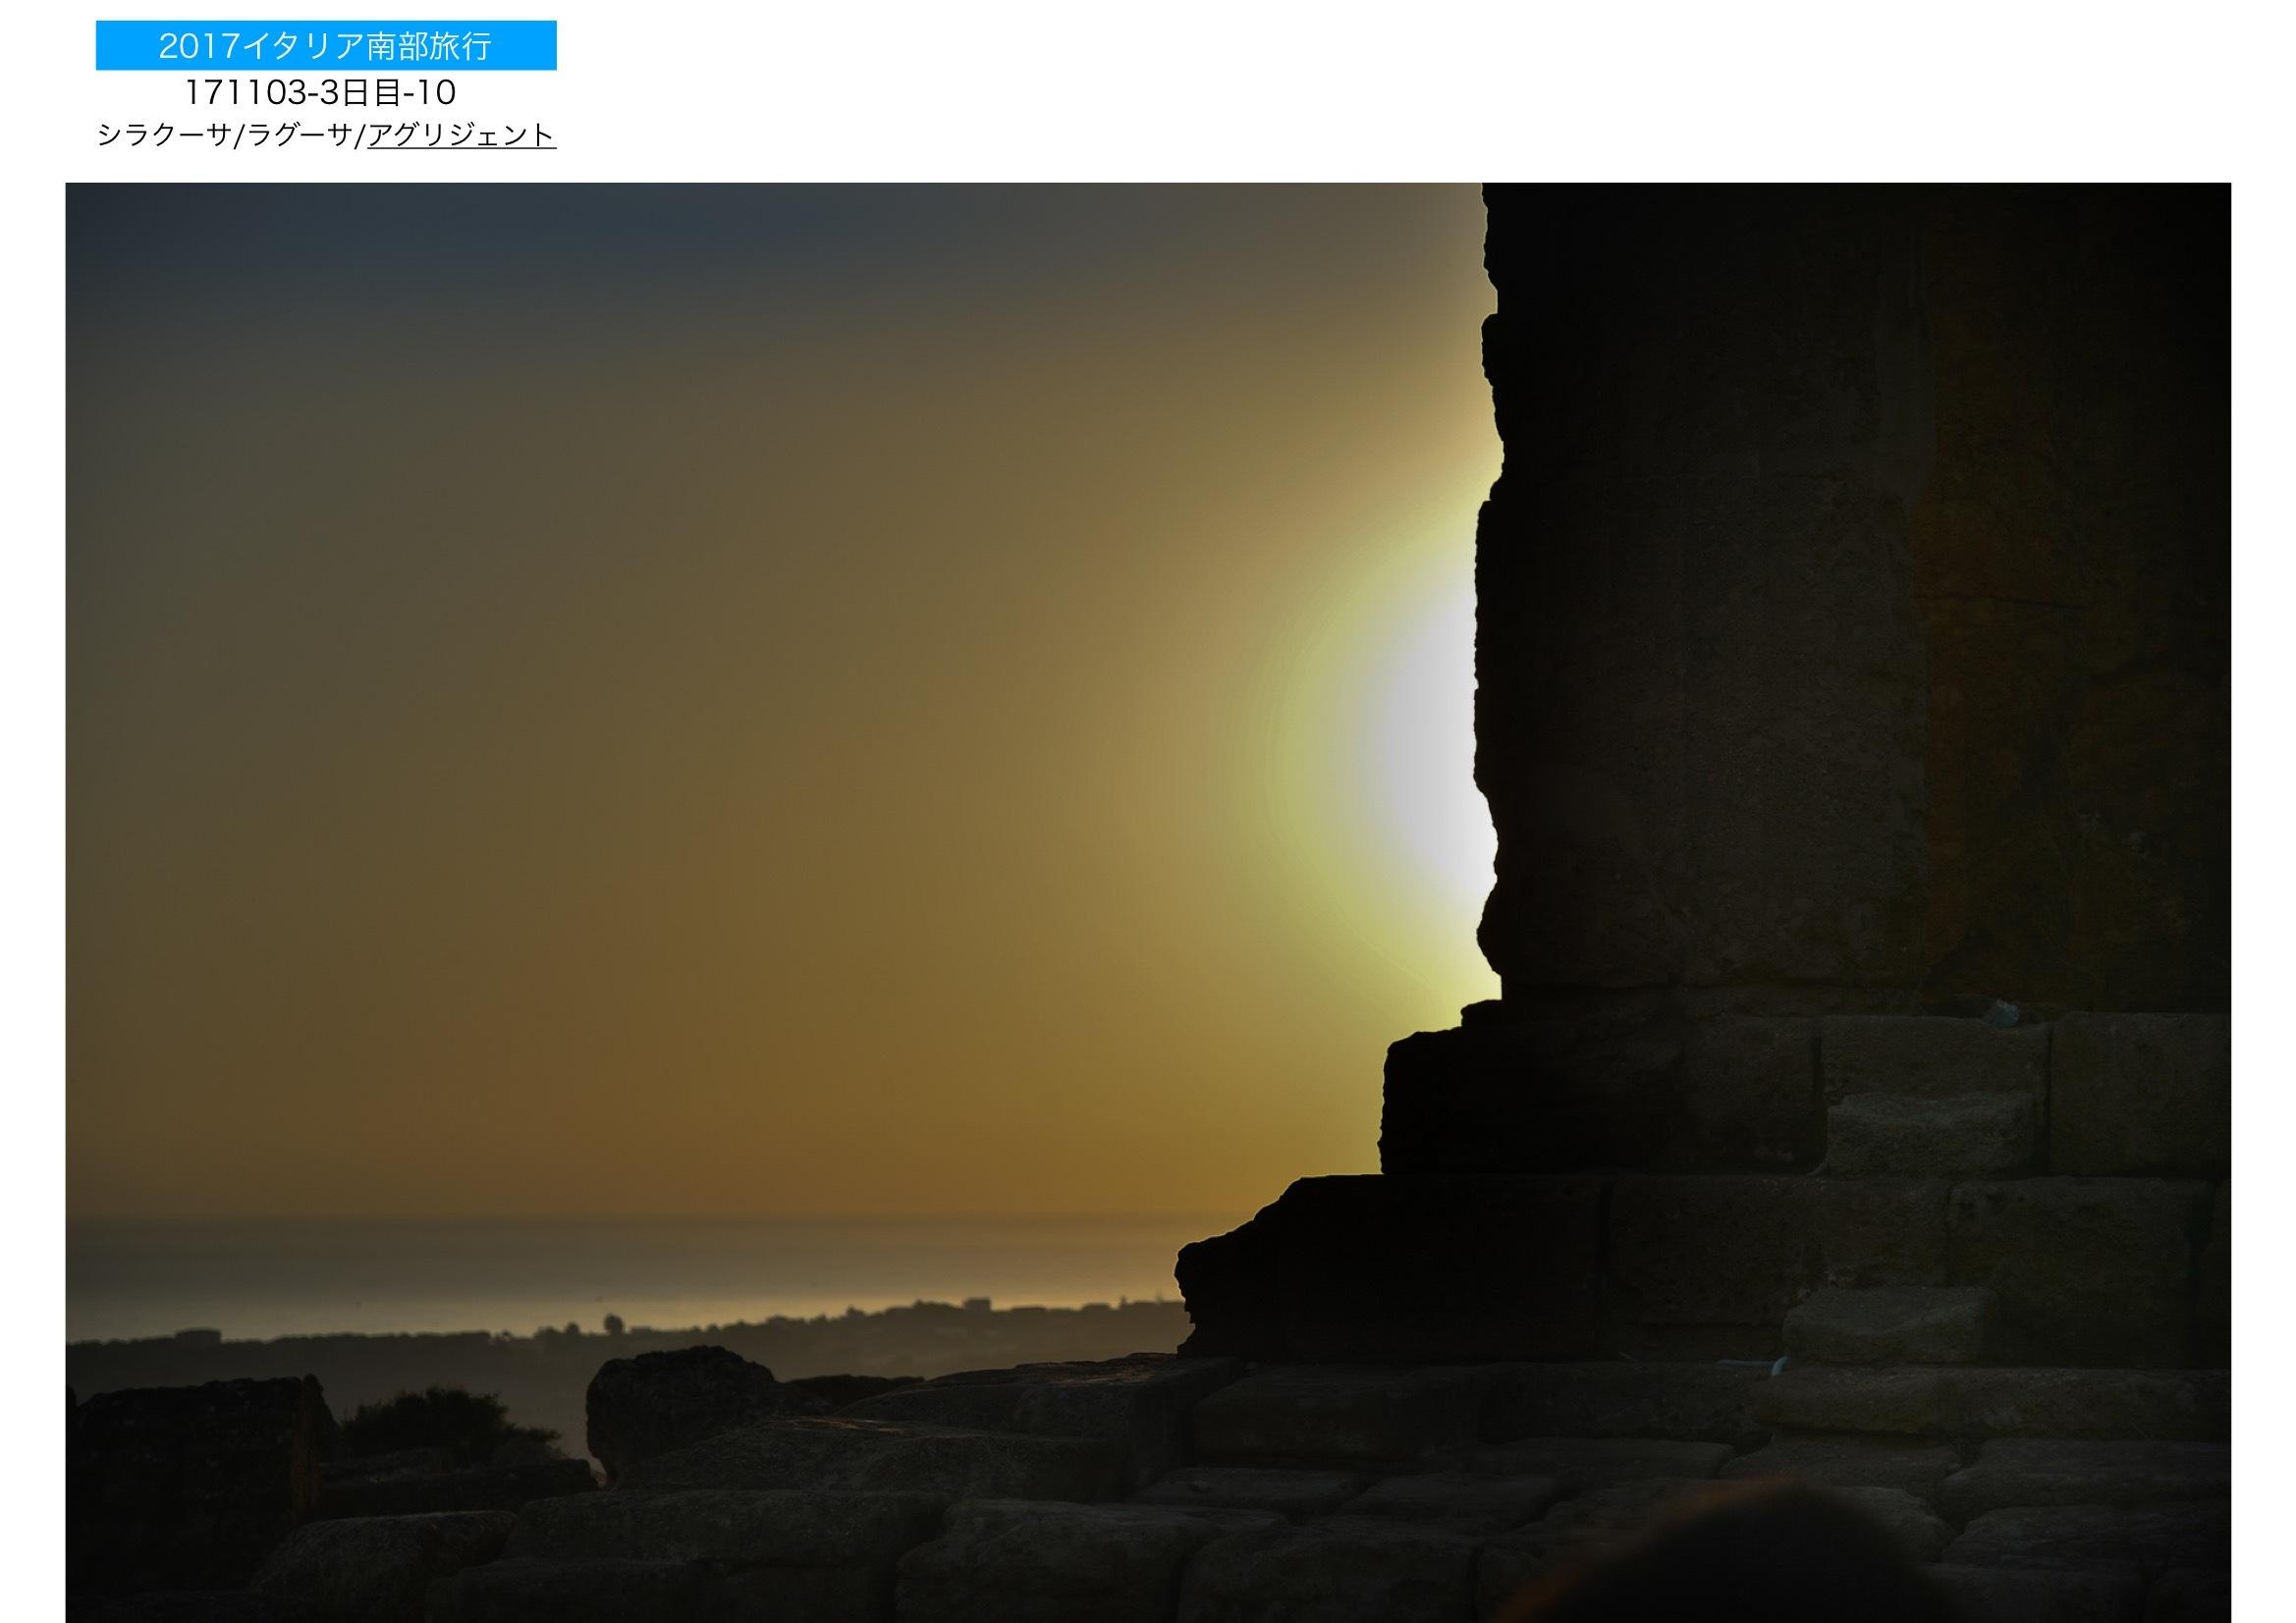 イタリア南部3000年の歴史遺構を訪ねて...3日目_f0099102_14454720.jpeg